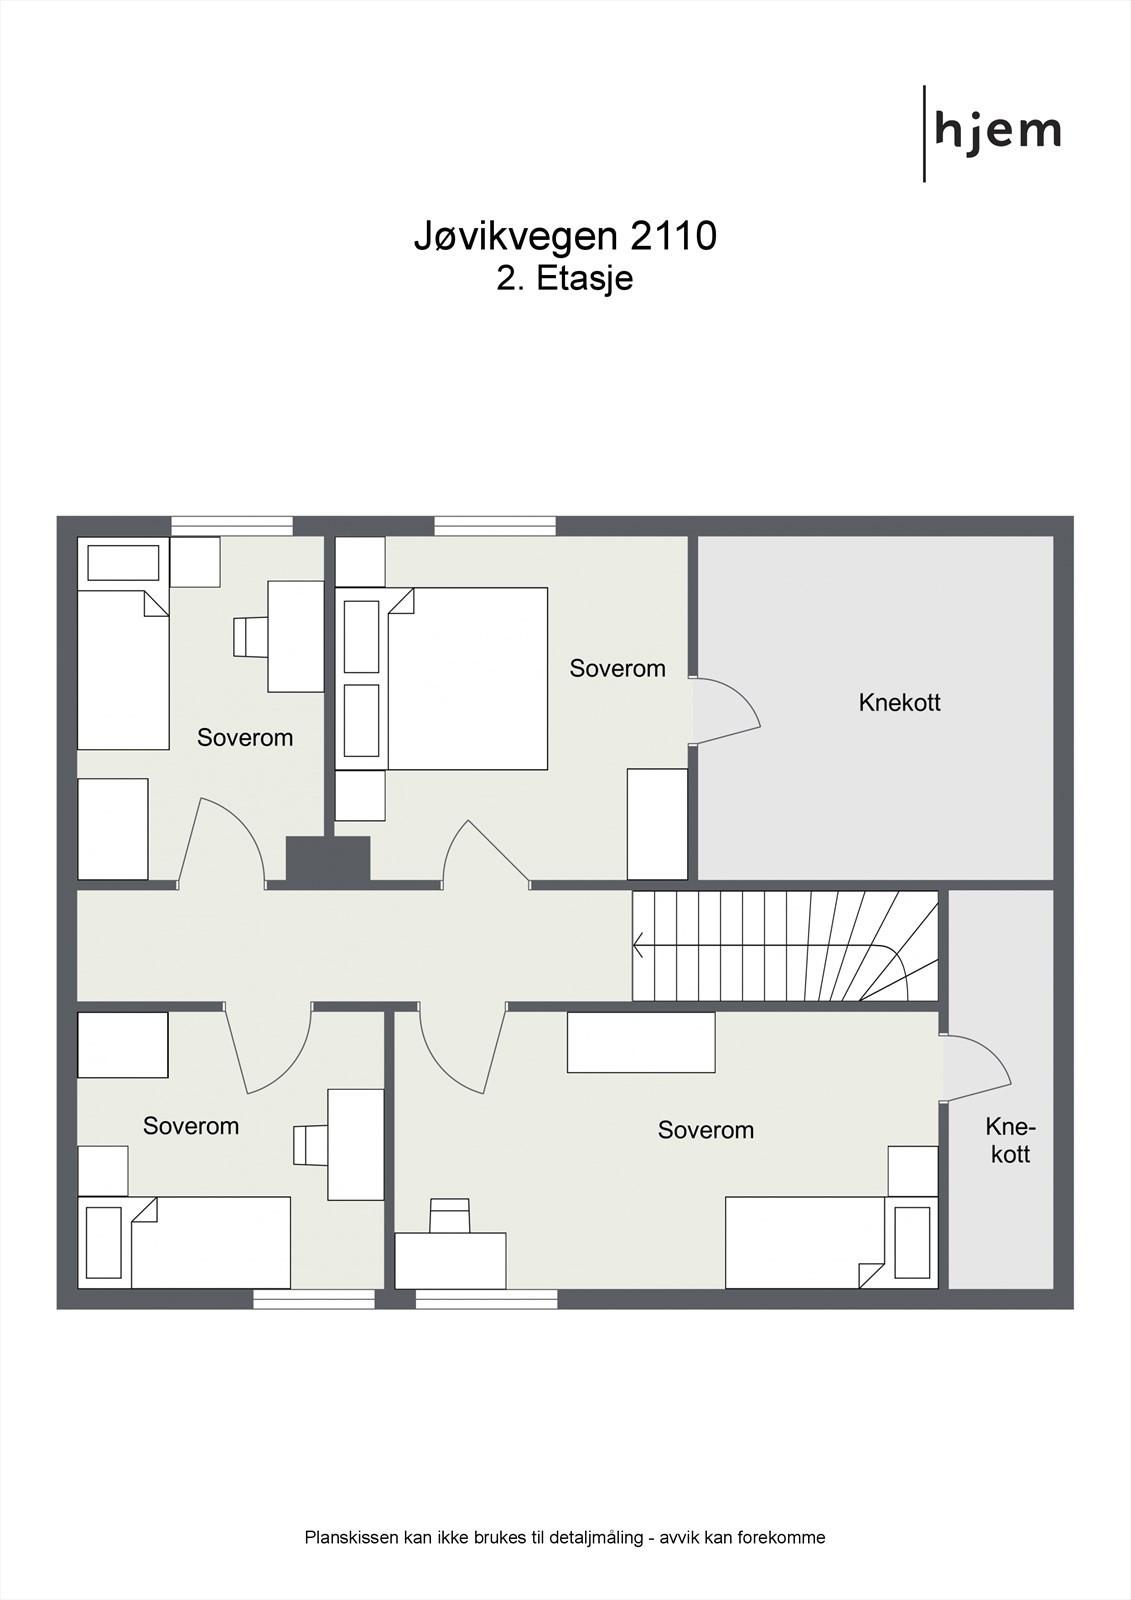 Floorplan letterhead - Jøvikvegen 2110 - 2. Etasje - 2D Floor Plan